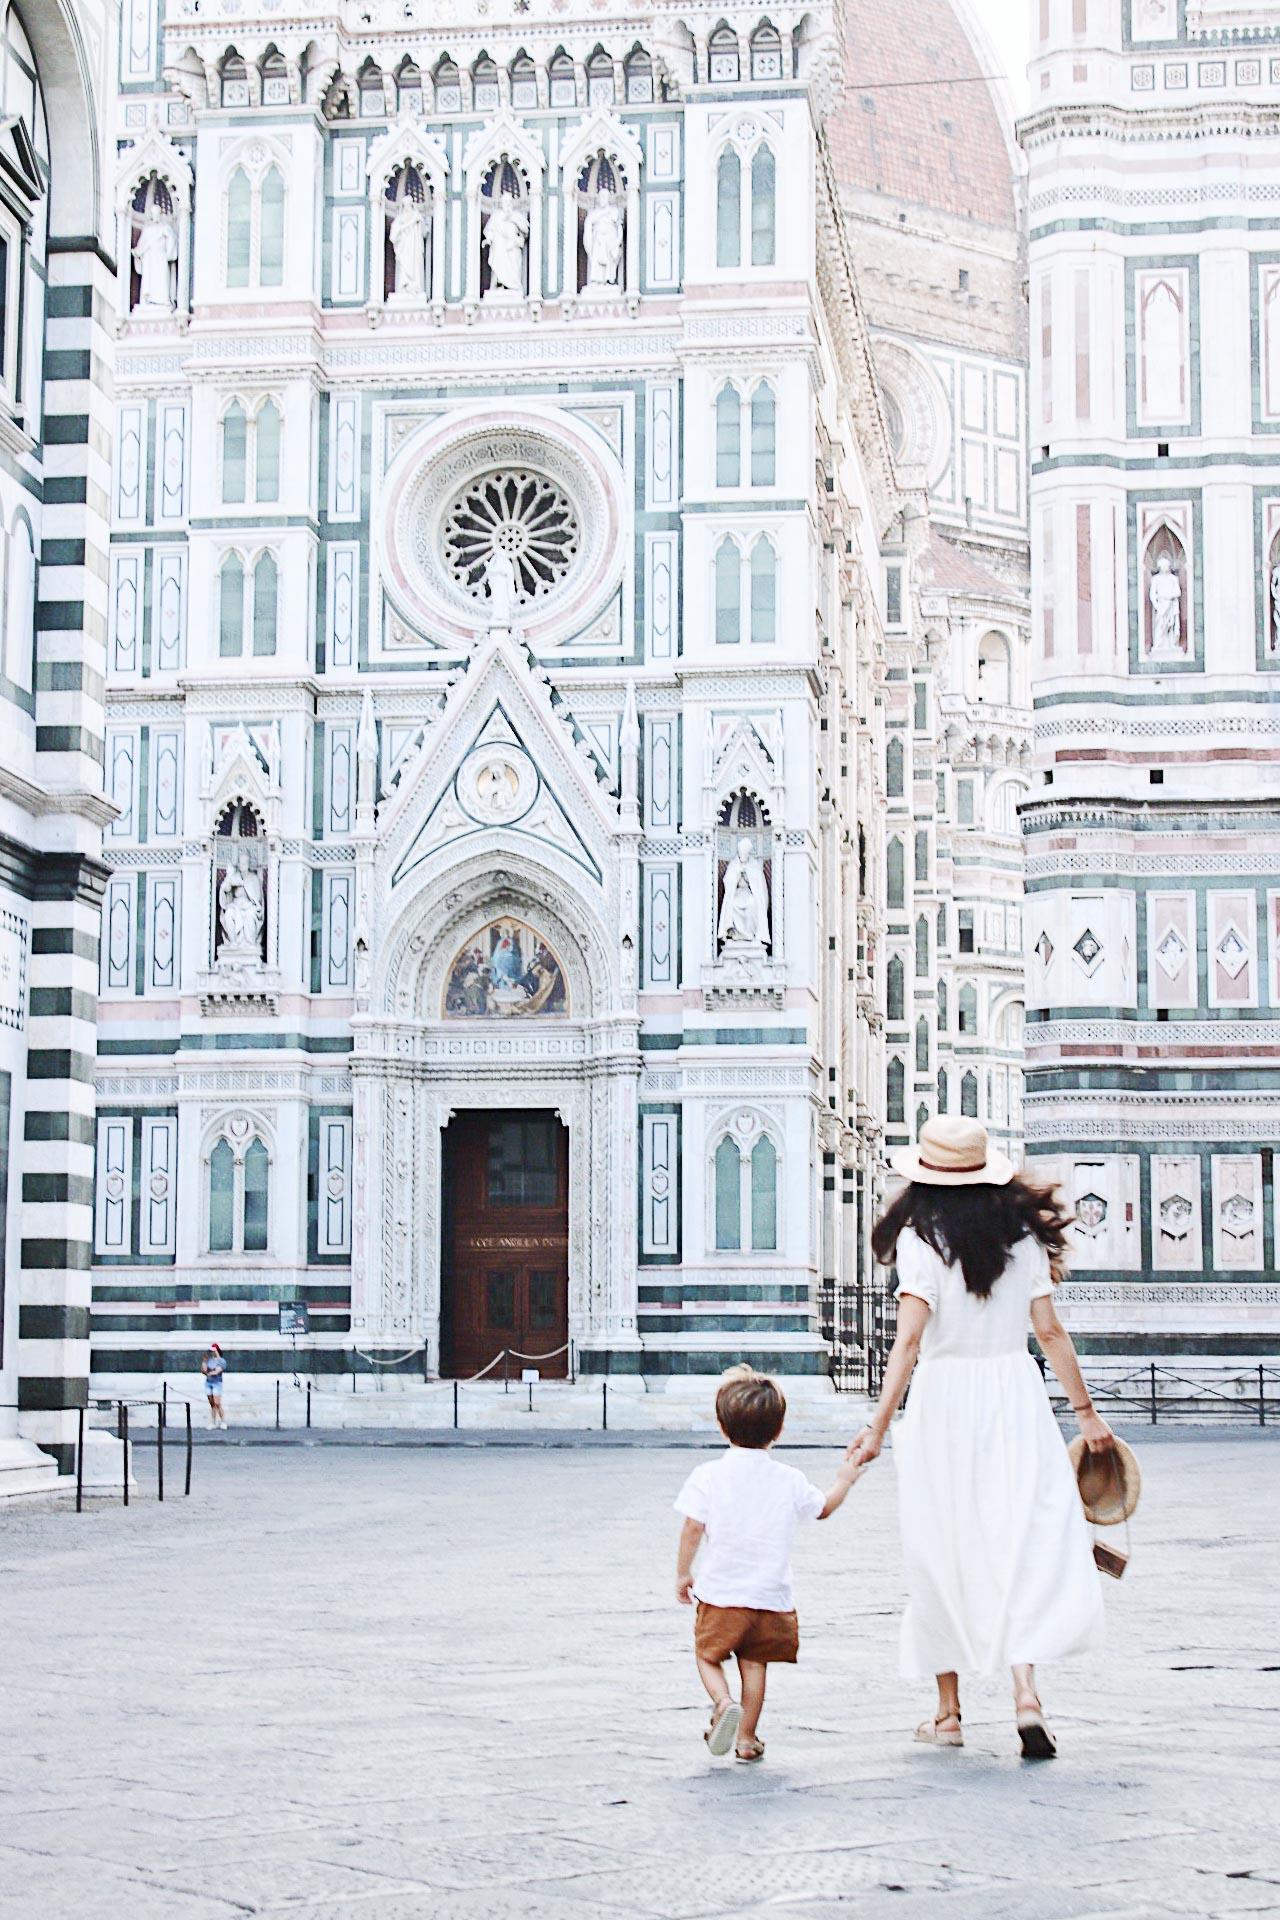 Florencia turismo con niños en la Plaza del Duomo